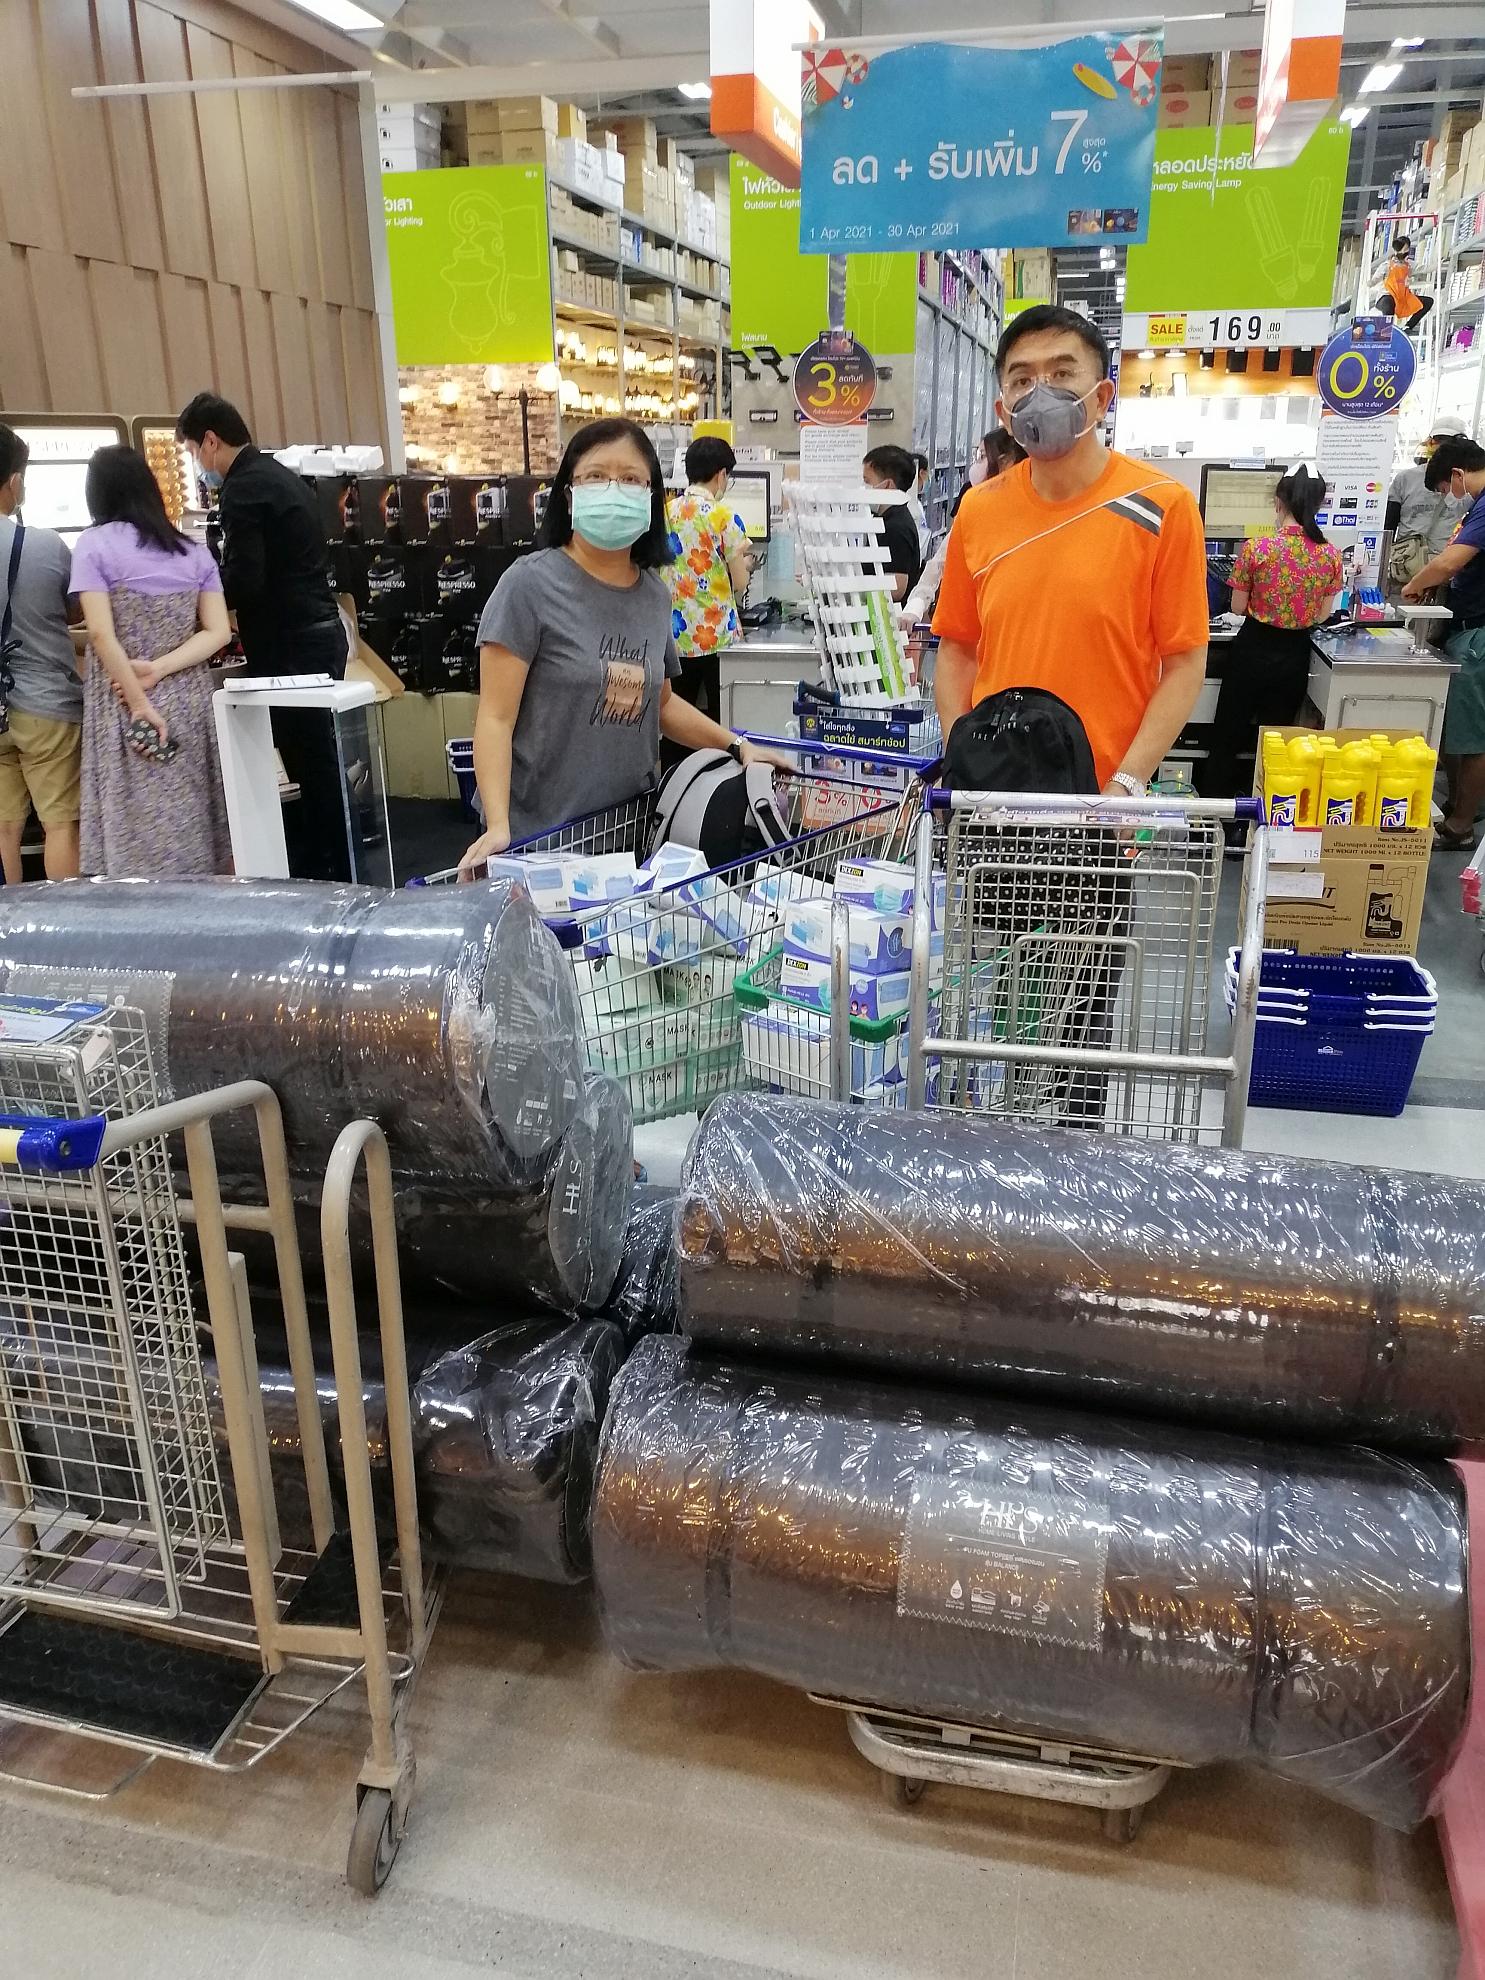 新天慈善基金會響應衛生部呼籲,購買物品送往方艙醫院,我們也幫忙一份。